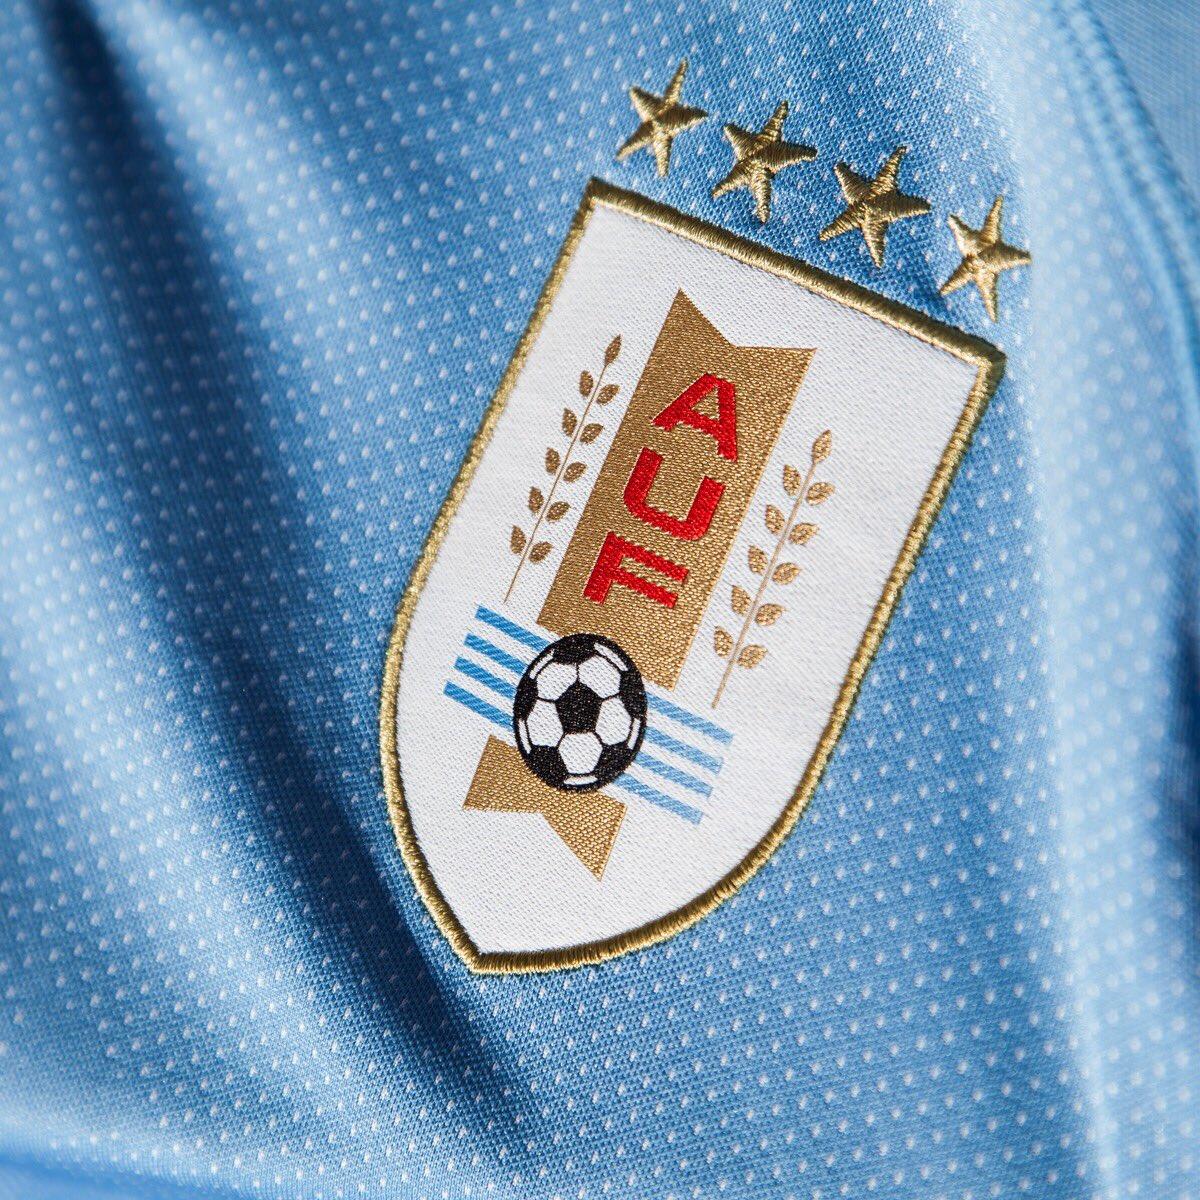 61541561f7 Puma lança a camisa titular do Uruguai para a Copa do Mundo - Show ...